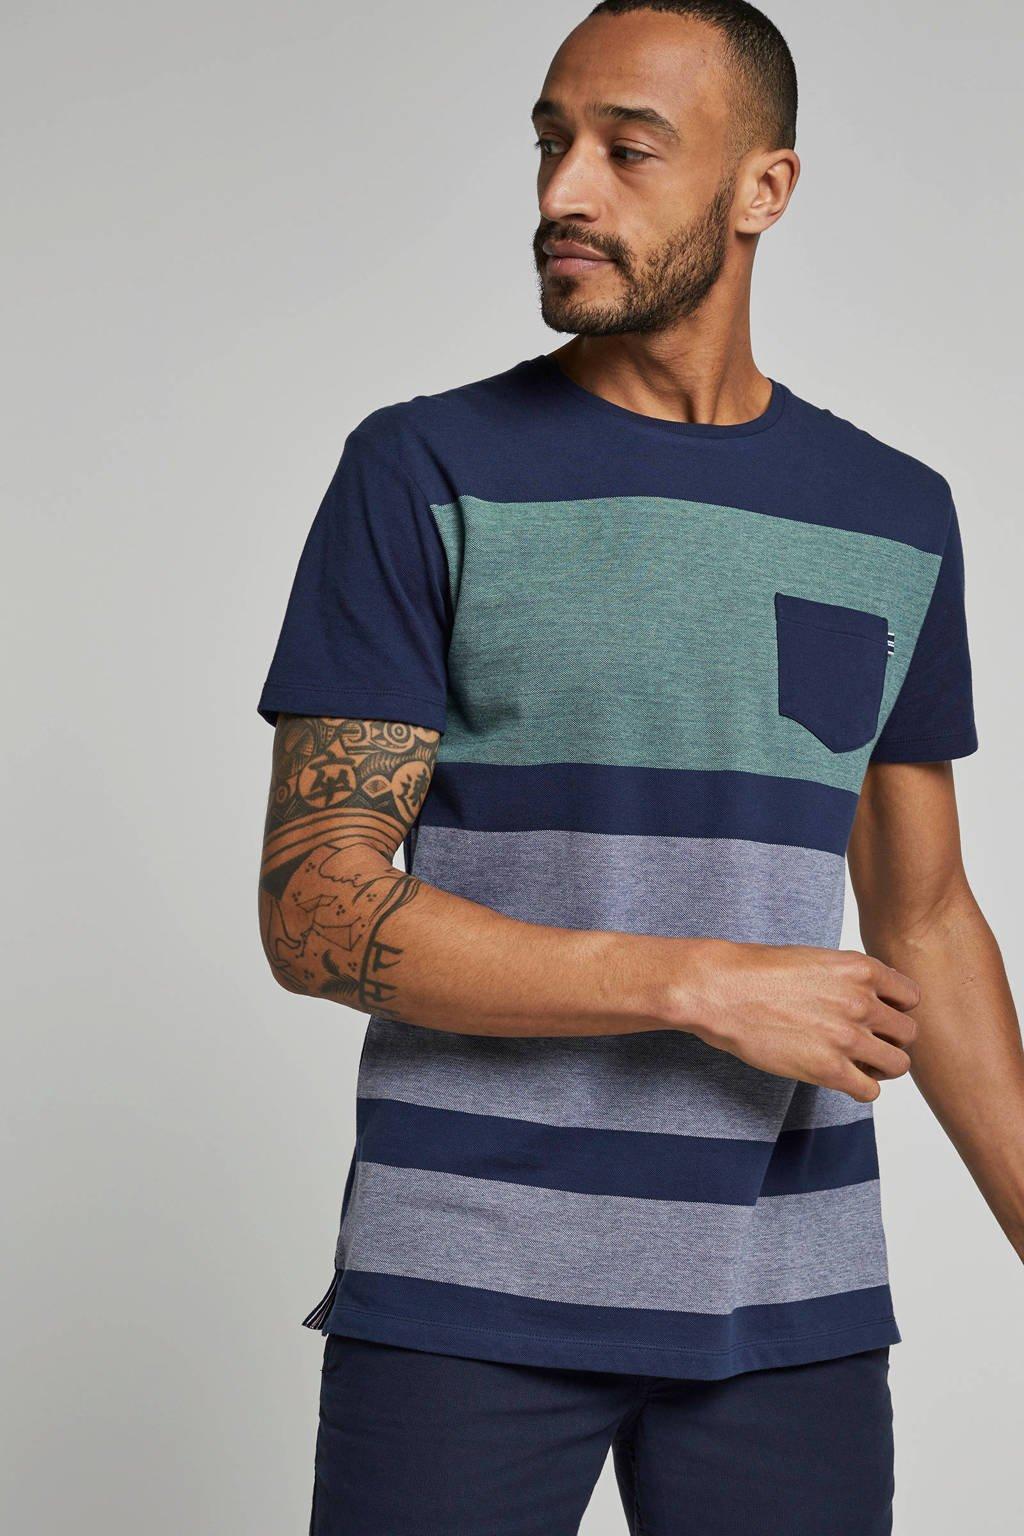 ESPRIT Men Casual T-shirt met borstzakje, Blauw/groen